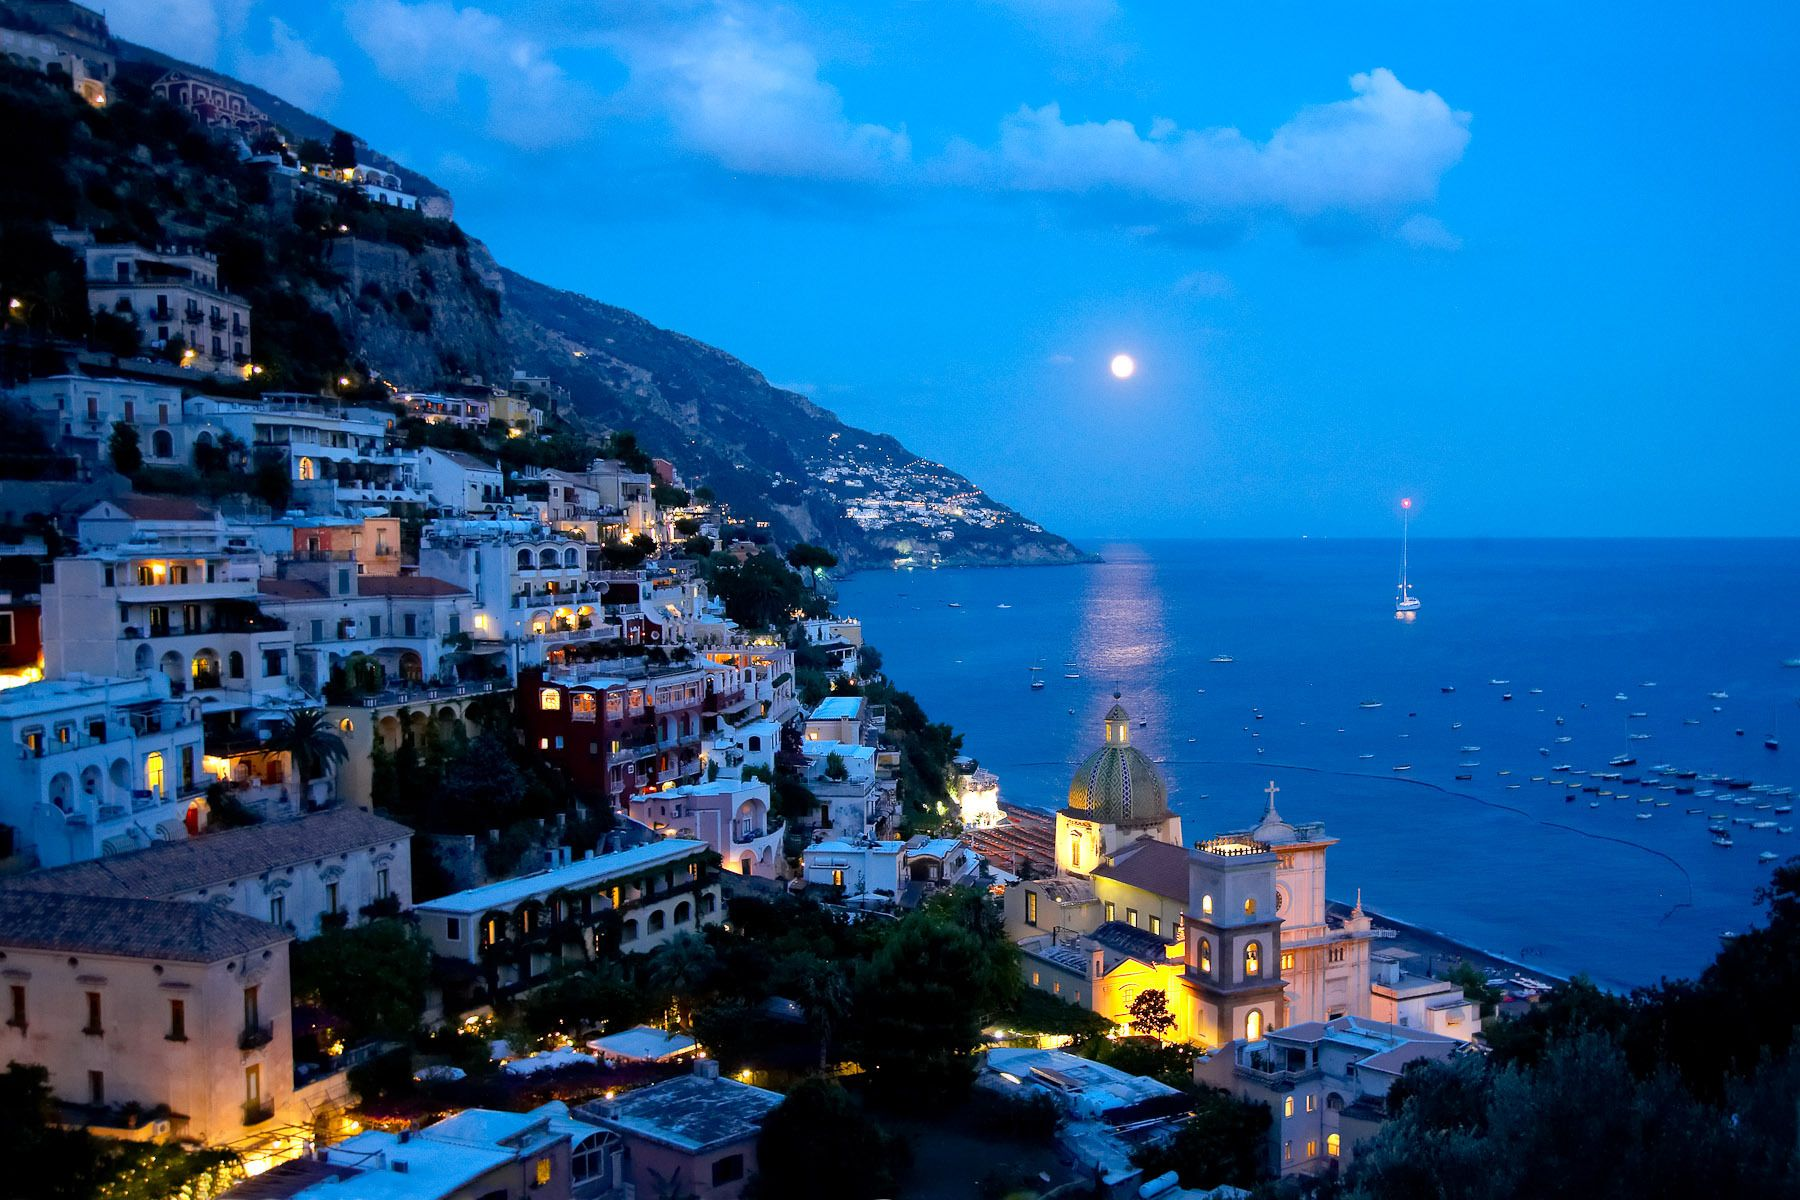 Positano, Amalfi, Italy